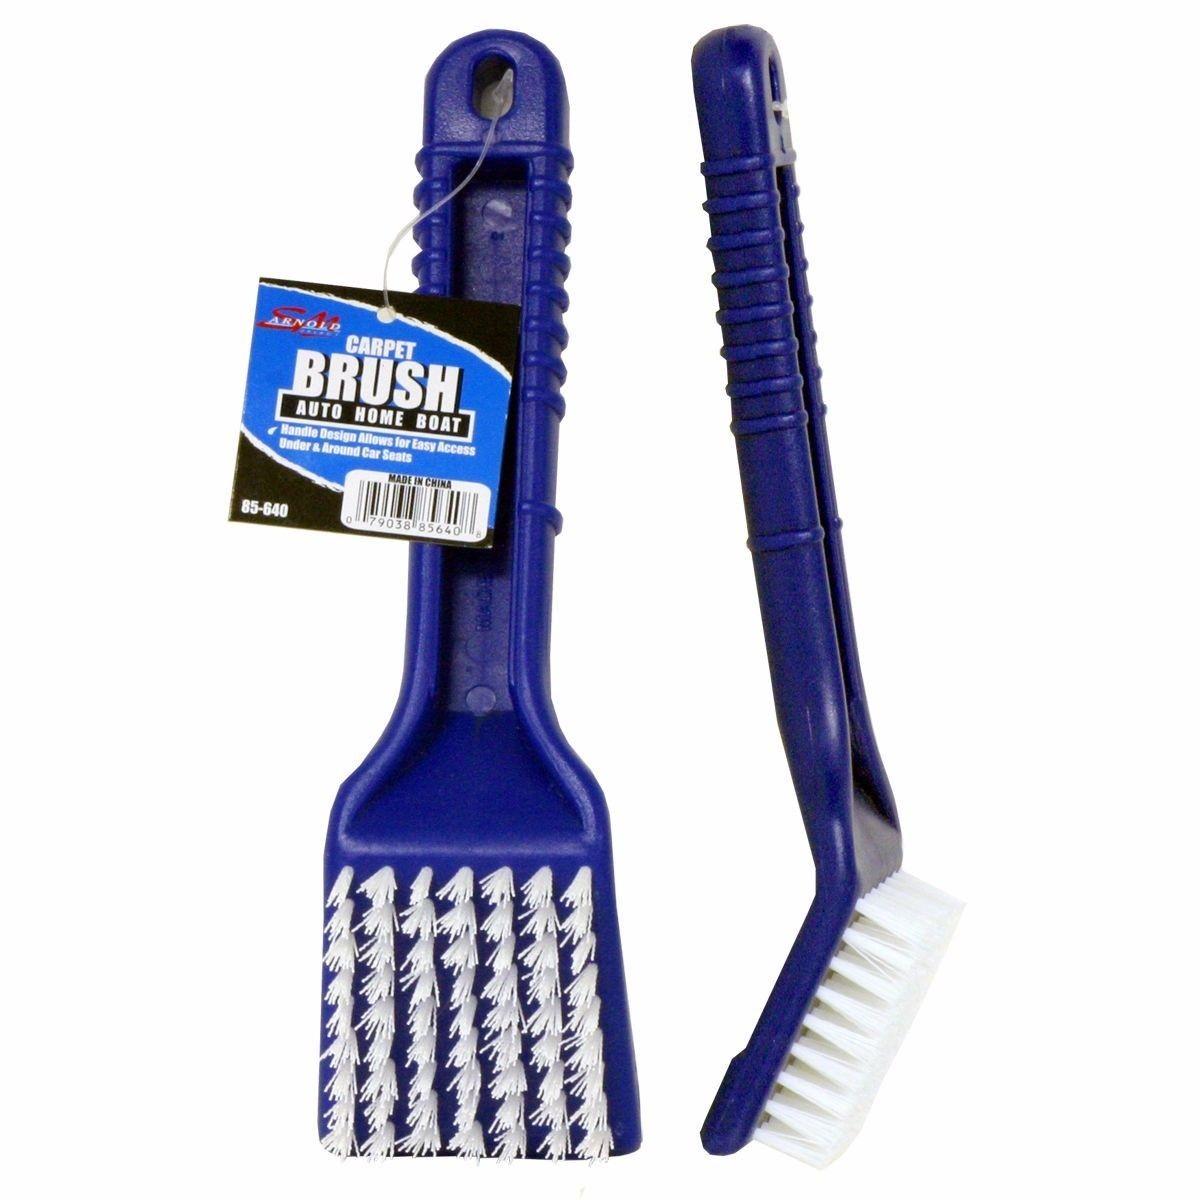 Deluxe Carpet Brush